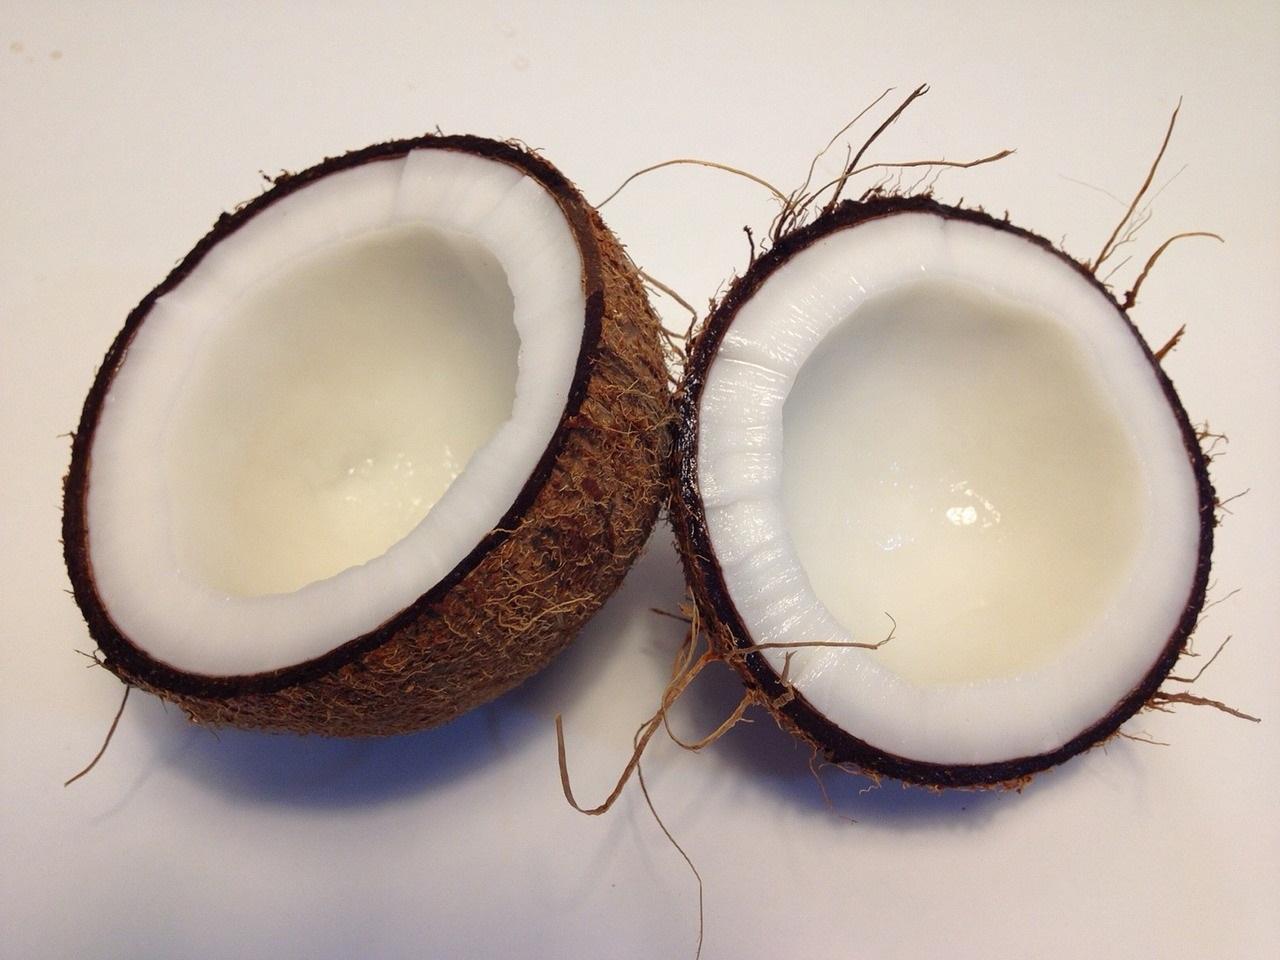 Olio di cocco per dimagrire: falso mito o verità?